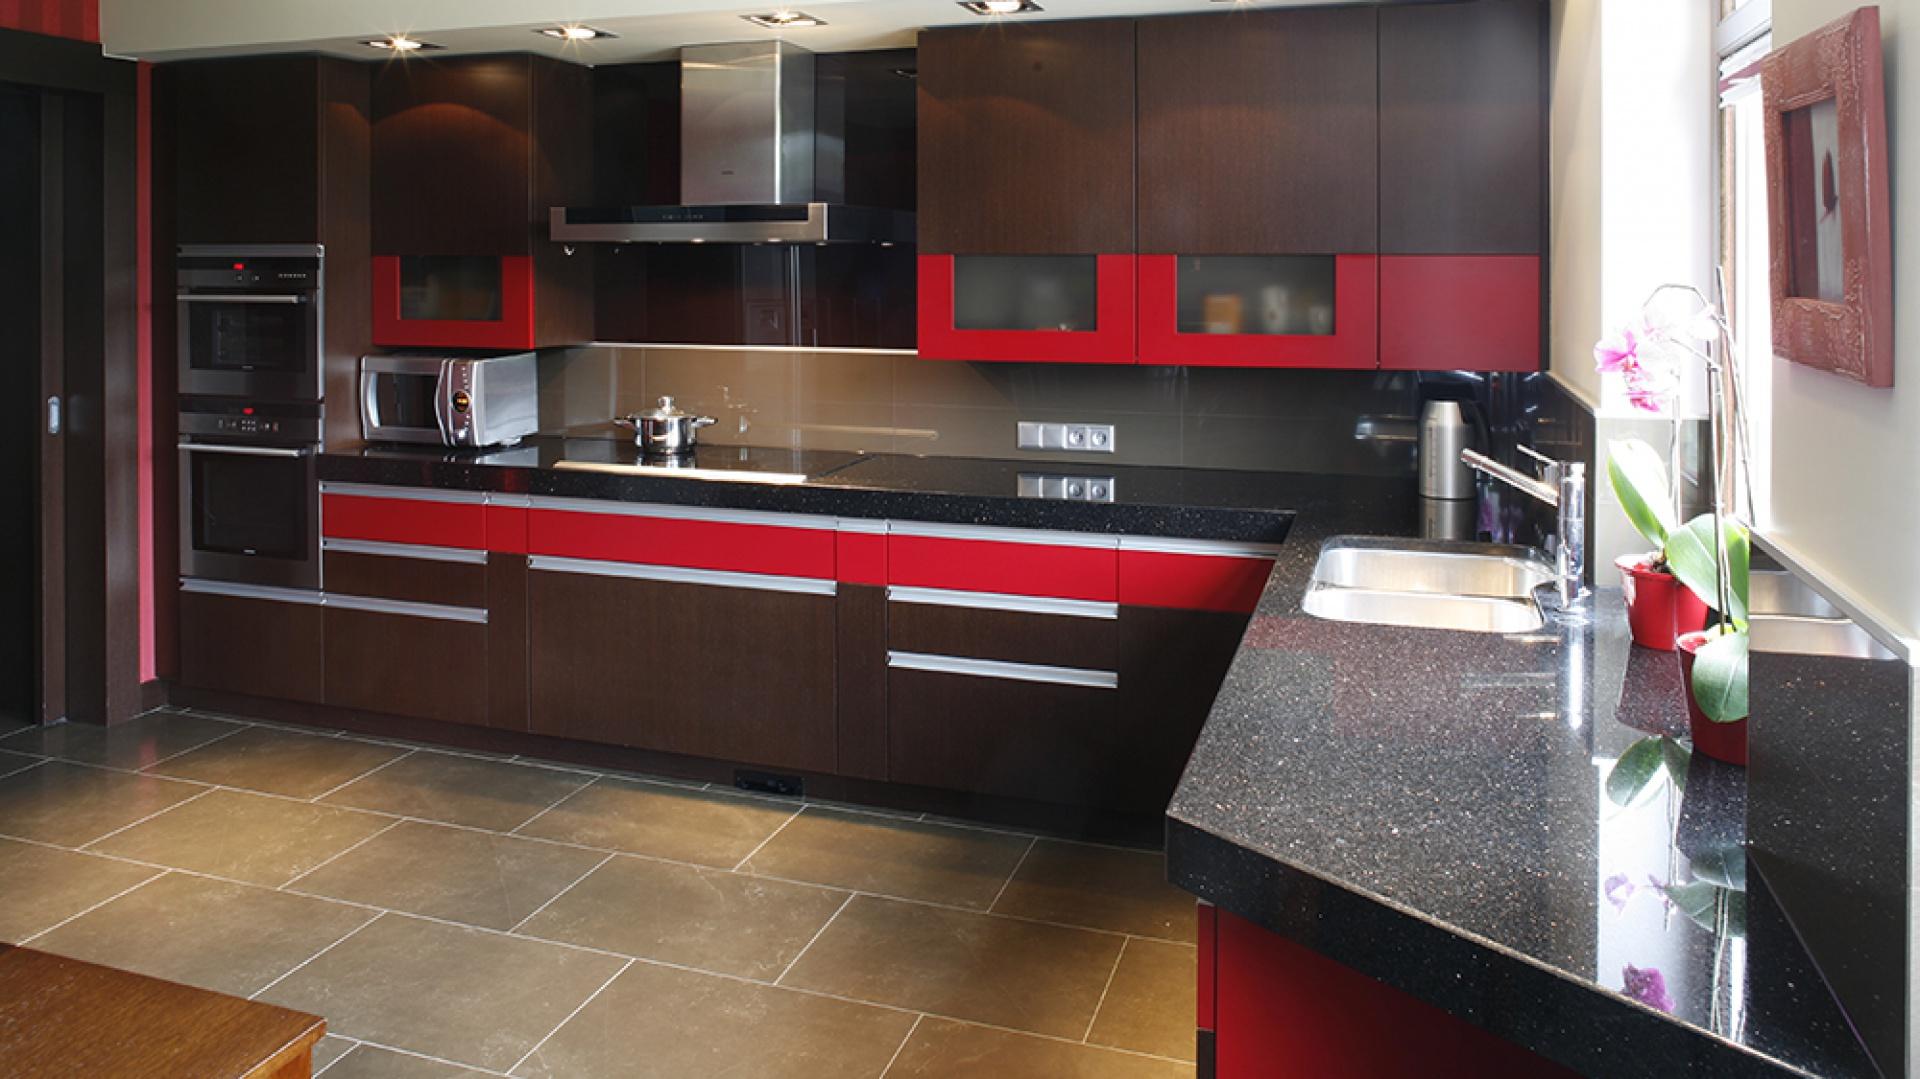 Ciekawe połączenie kolorów i oryginalne fronty meblowe odpowiadają za efektowny wygląd kuchni. Jej funkcjonalność gwarantuje duży blat roboczy z czarnego granitu oraz nowoczesne AGD: piekarniki, płyta grzejna i okap marki Siemens. Fot. Bartosz Jarosz.